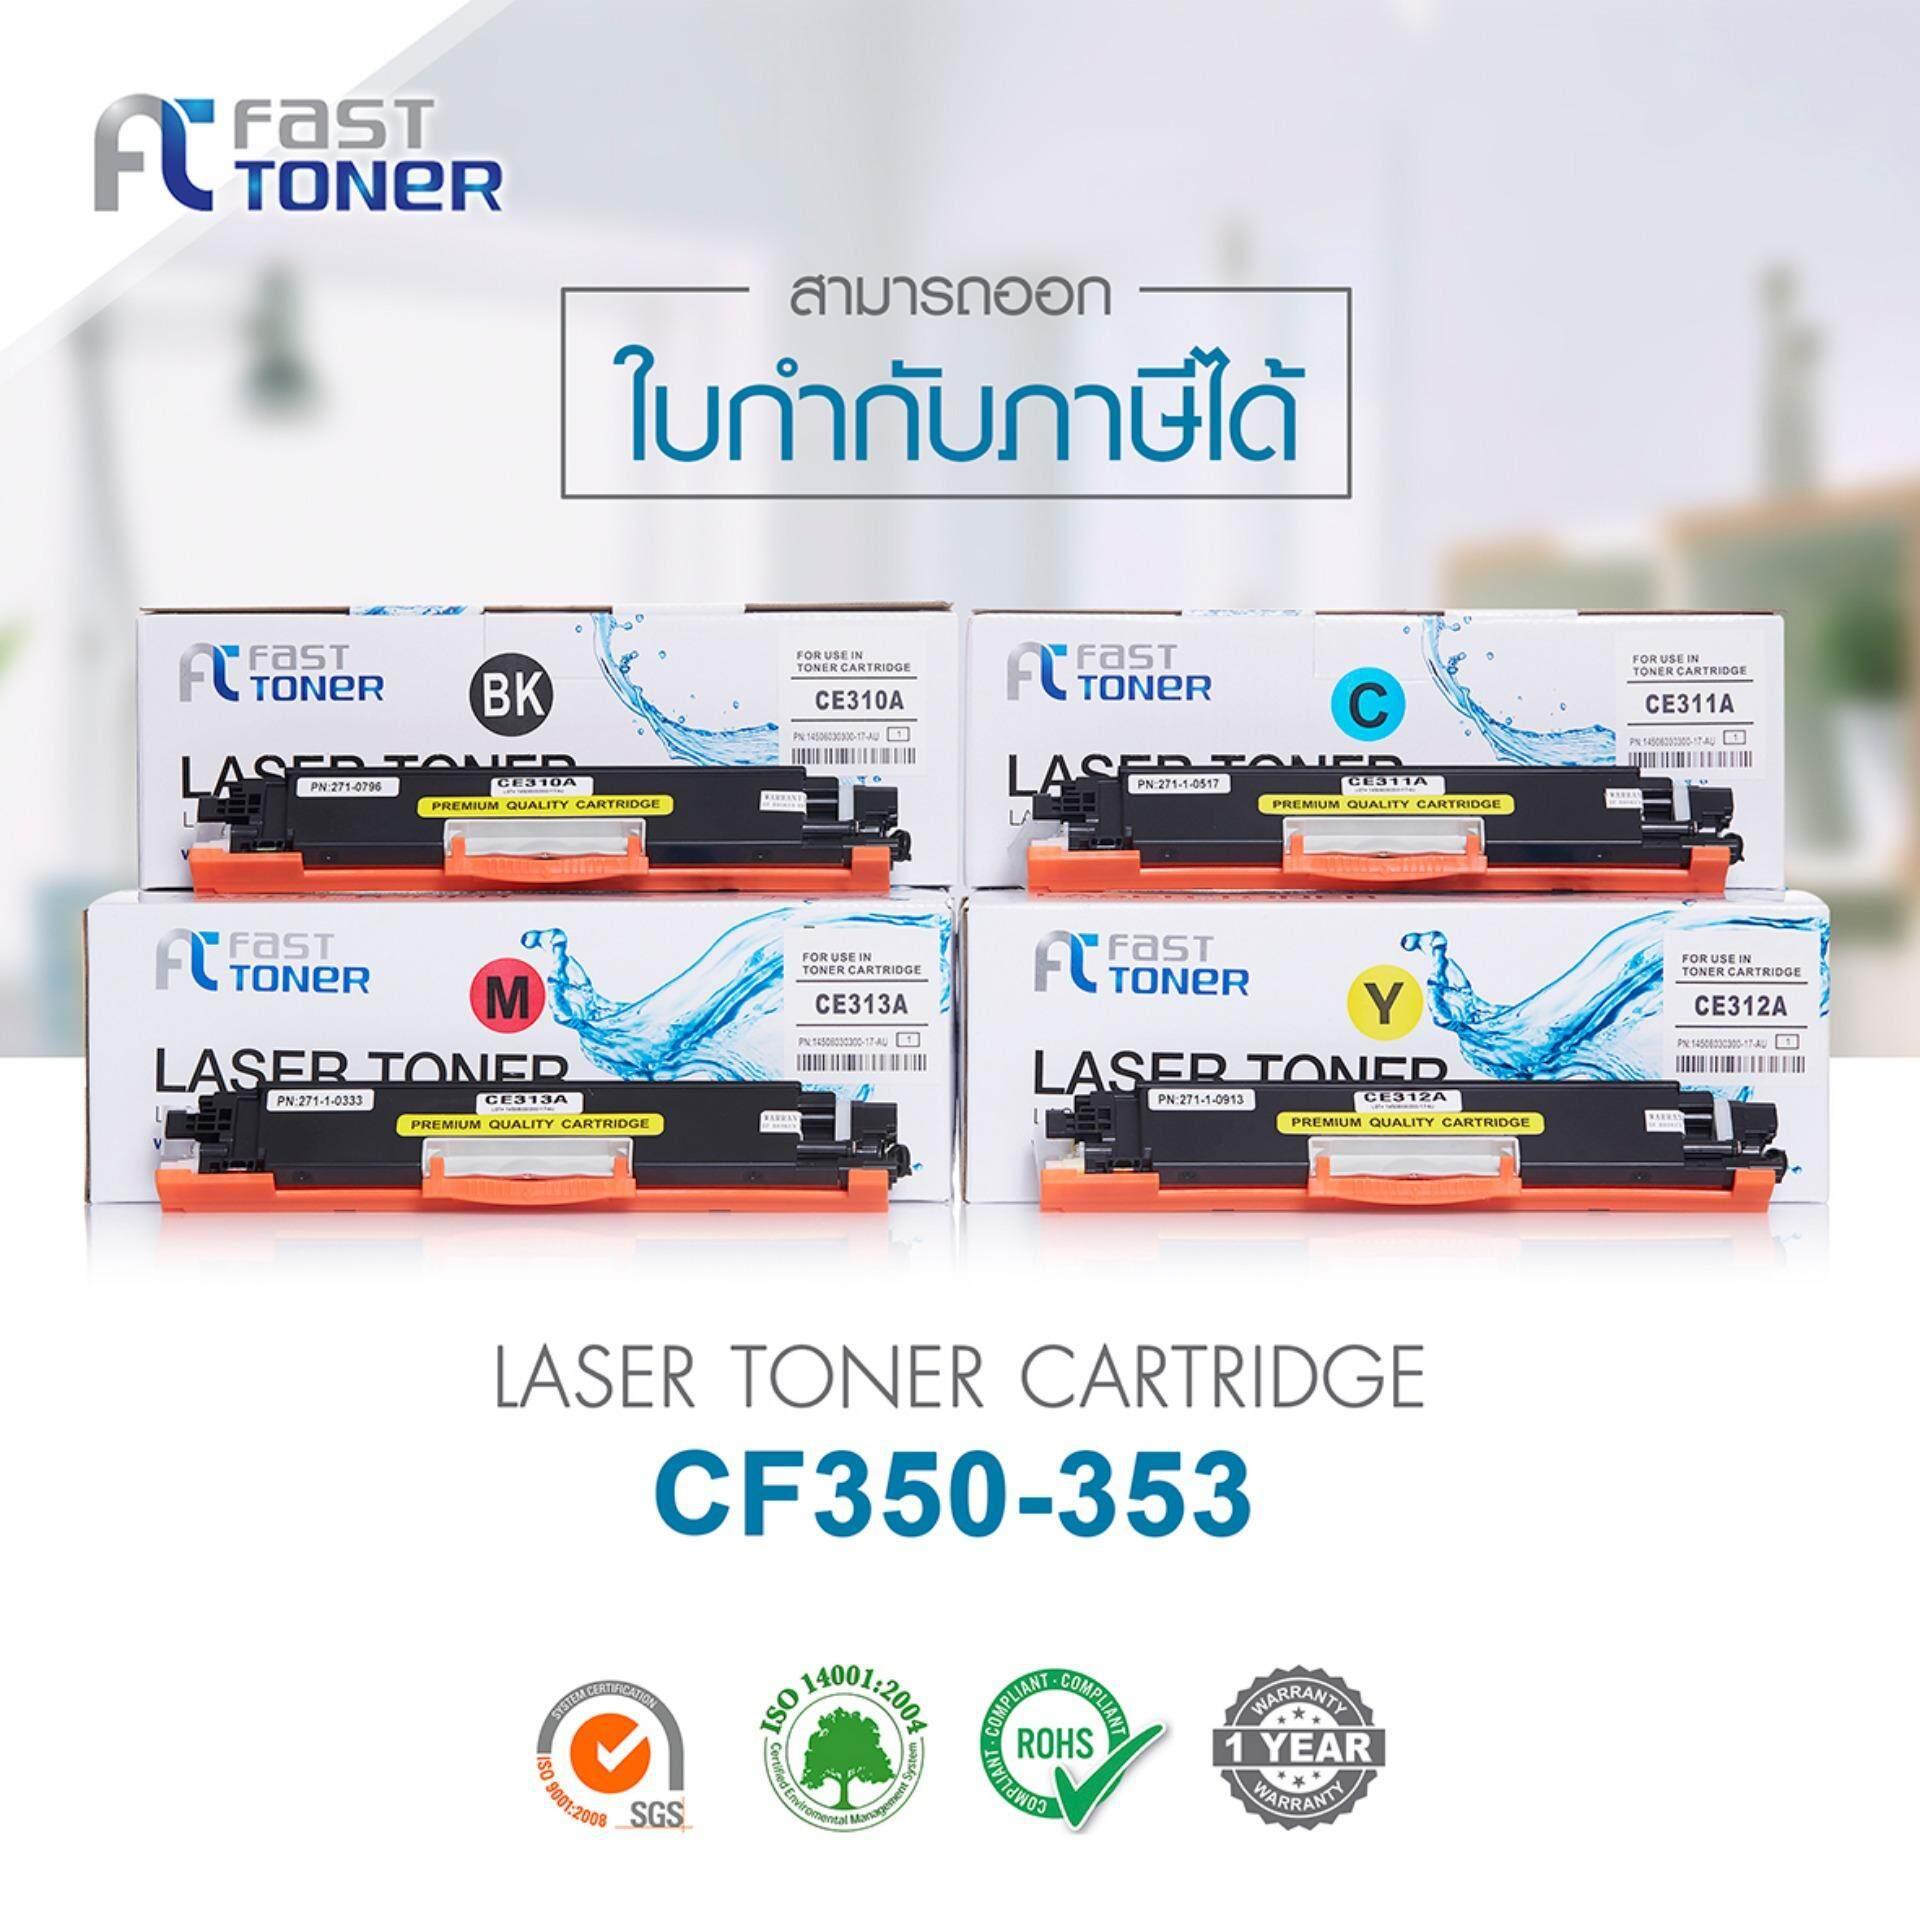 ราคา Fast Toner ตลับหมึกเทียบเท่า Hp 130A Cf350A Cf351A Cf352A Cf353A ชุด 4 สี ดำ ฟ้า เหลือง แดง สำหรับปริ้นเตอร์รุ่น Hp Color Laserjet Pro Mfp M176N Multifunction Printer Hp Color Laserjet Pro Mfp M177Fw Multifunction Printer Fast Toner ใหม่